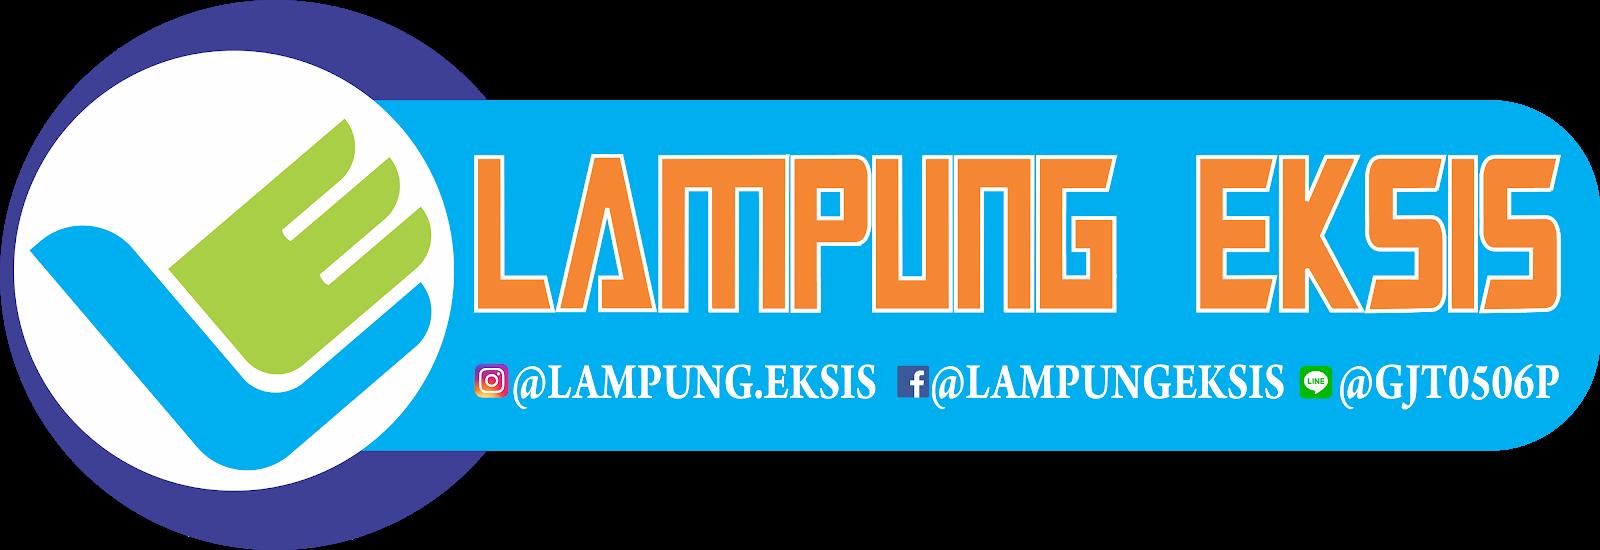 Lampung Eksis